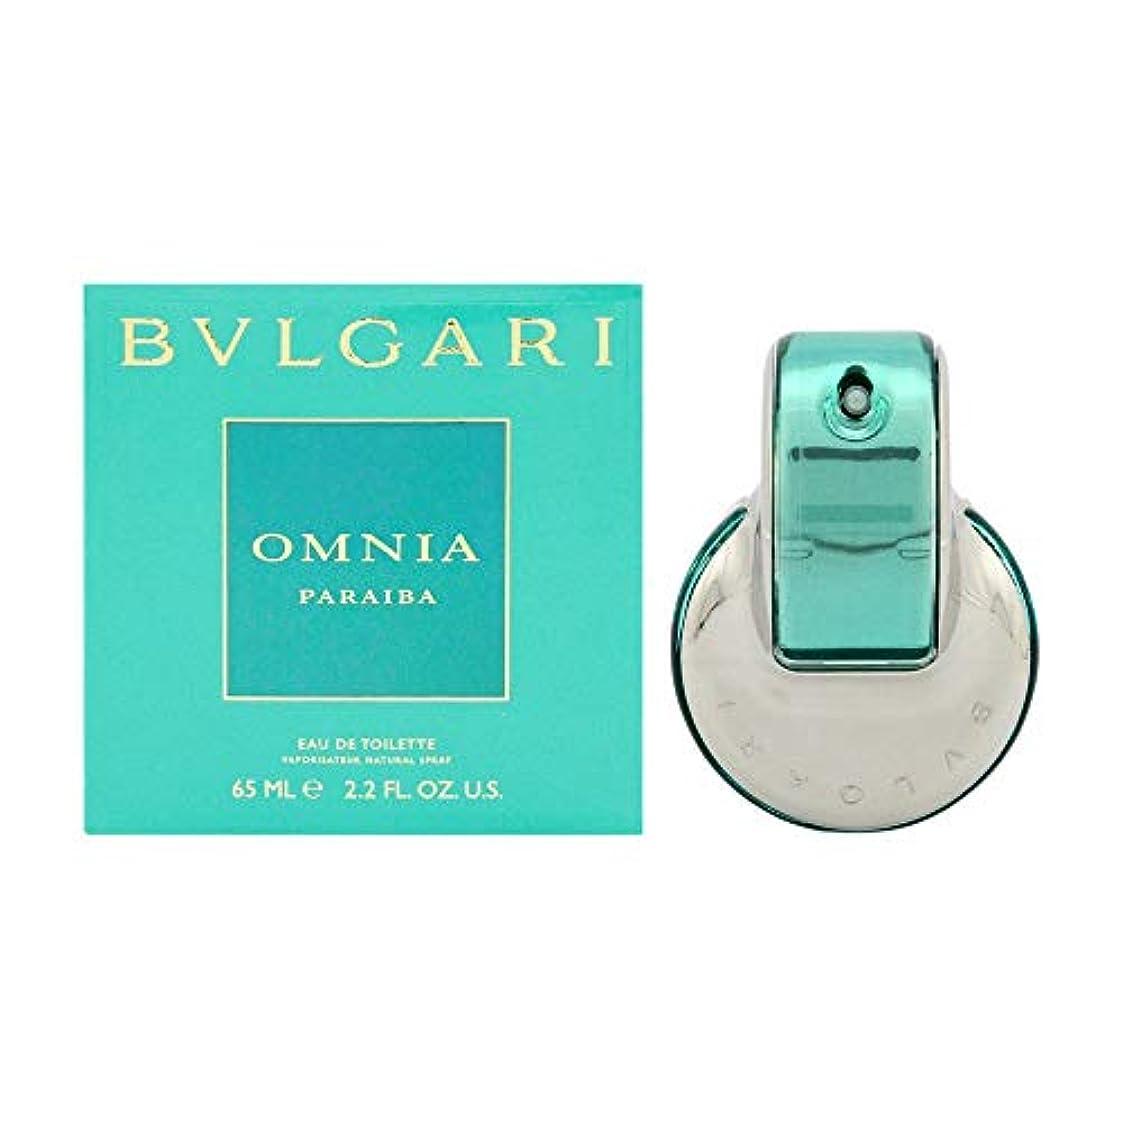 の前でドレス団結BVLGARI ブルガリ オムニアパライバ 65ml EDT レディース 香水 [並行輸入品]